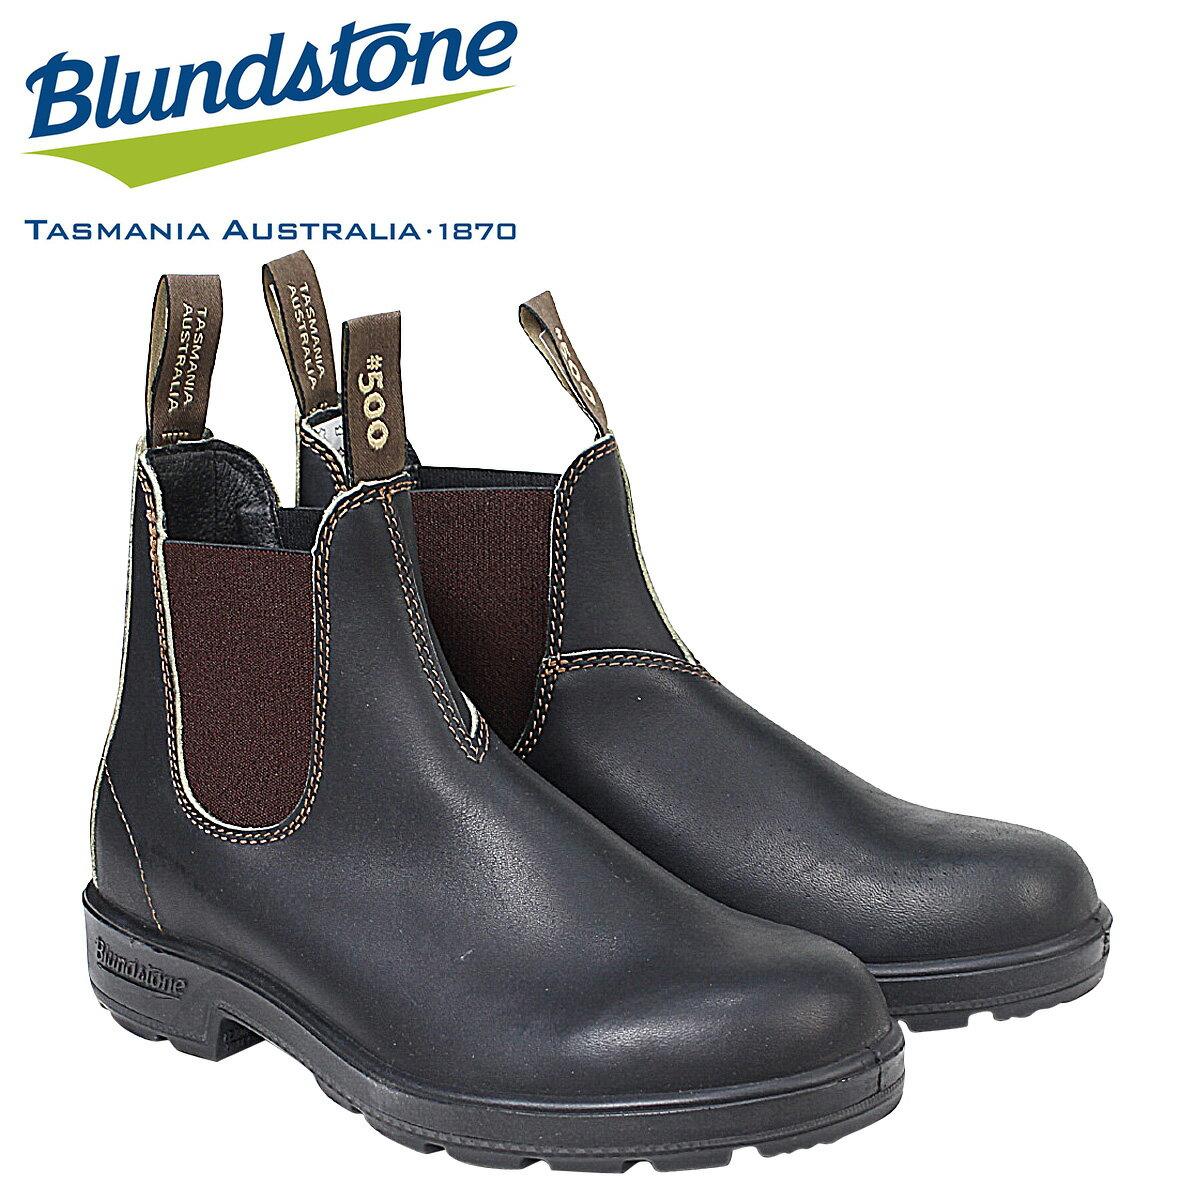 ブランドストーン Blundstone サイドゴア 500 メンズ ブーツ DRESS V CUT BOOTS ブラウン [12/28 追加入荷]